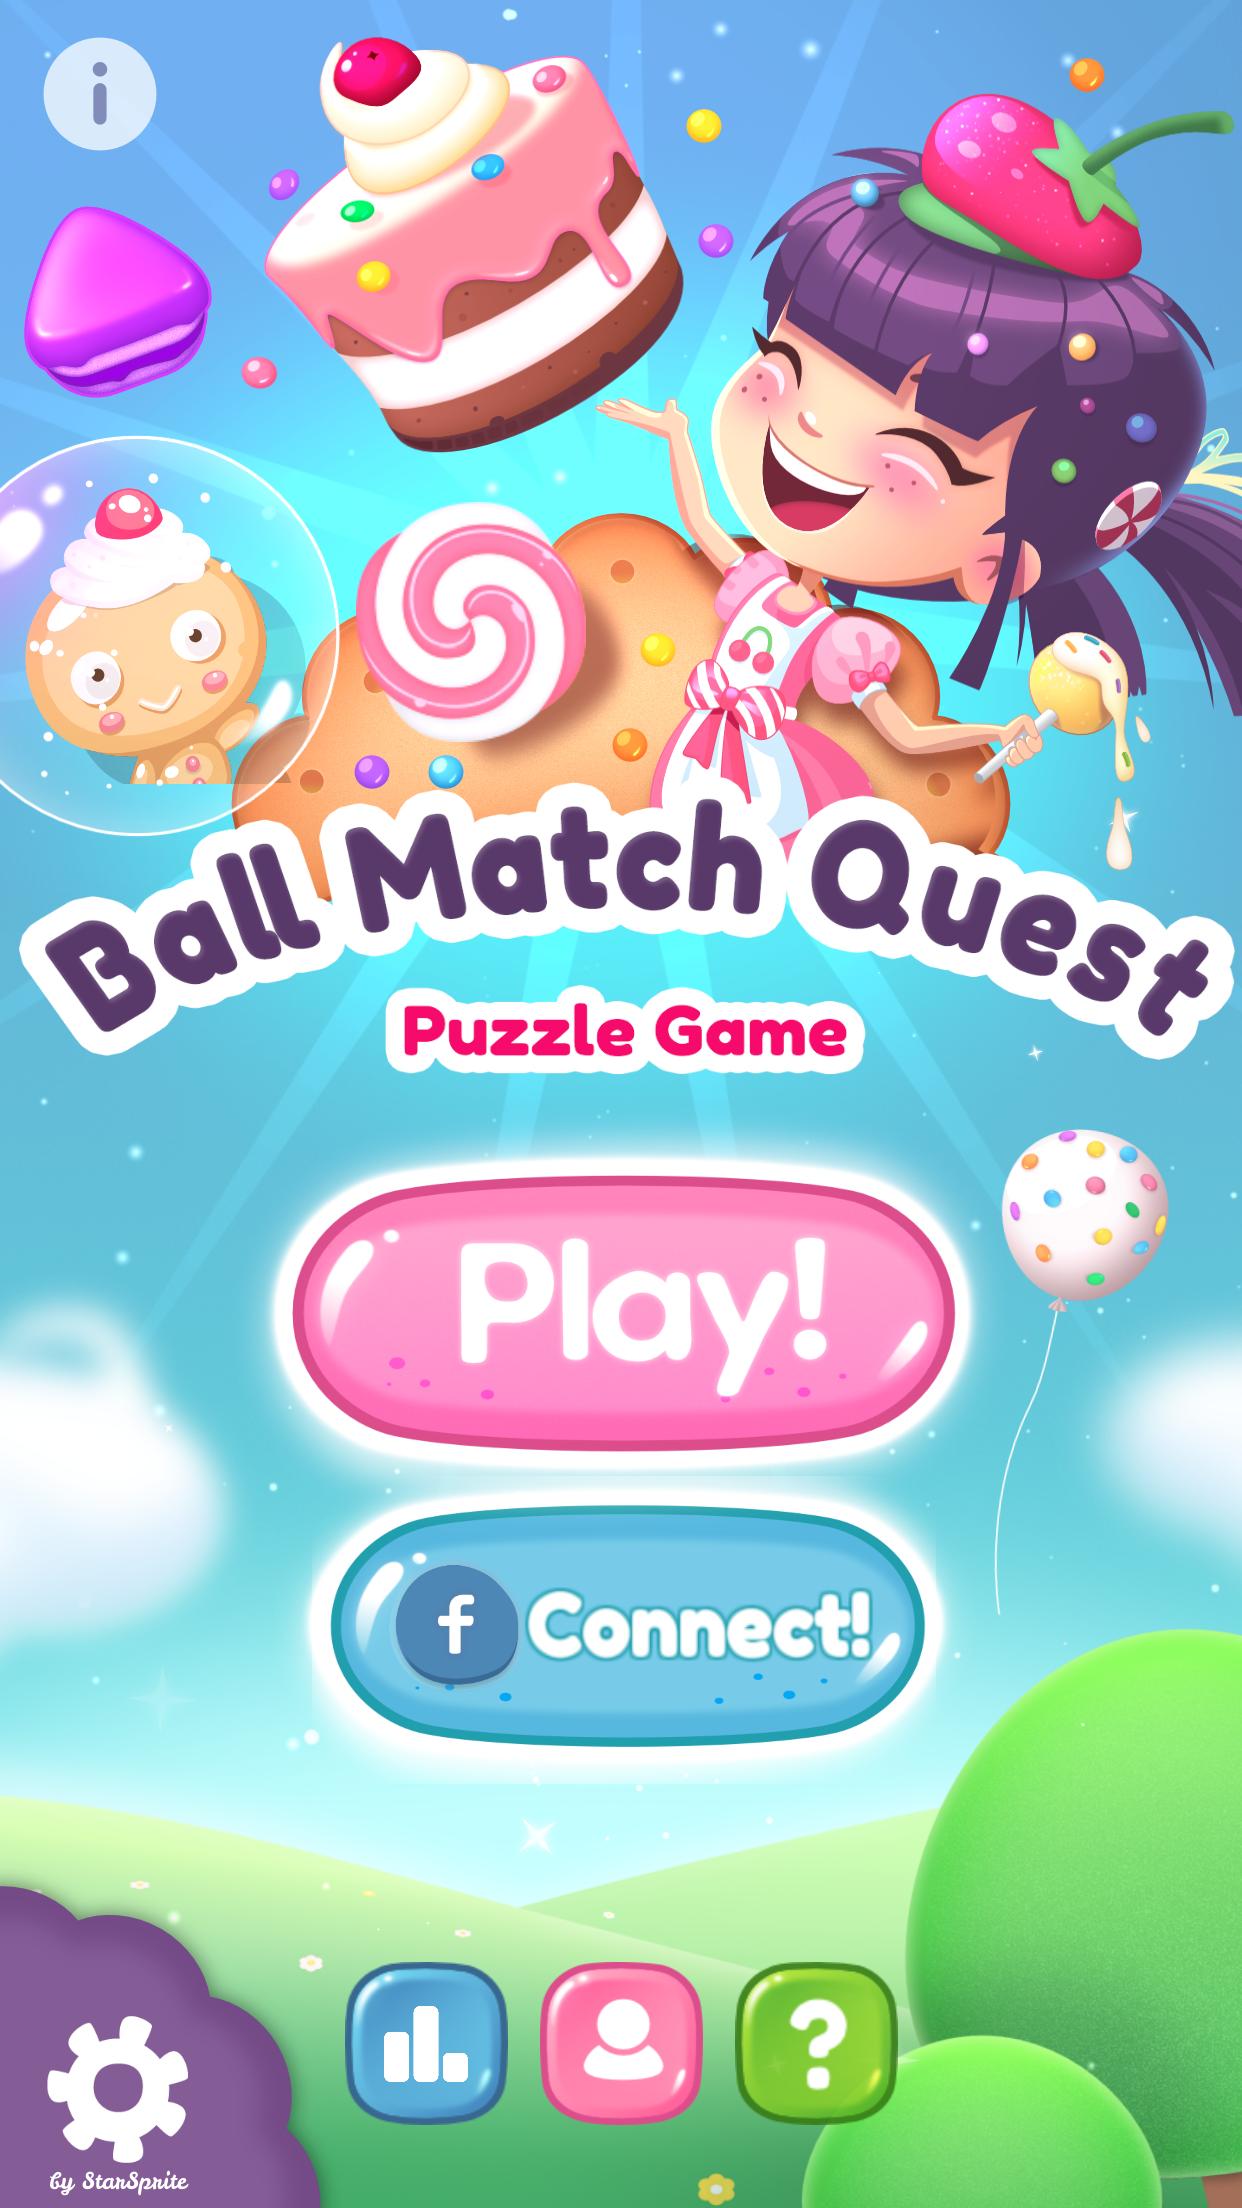 BallMatchQuest